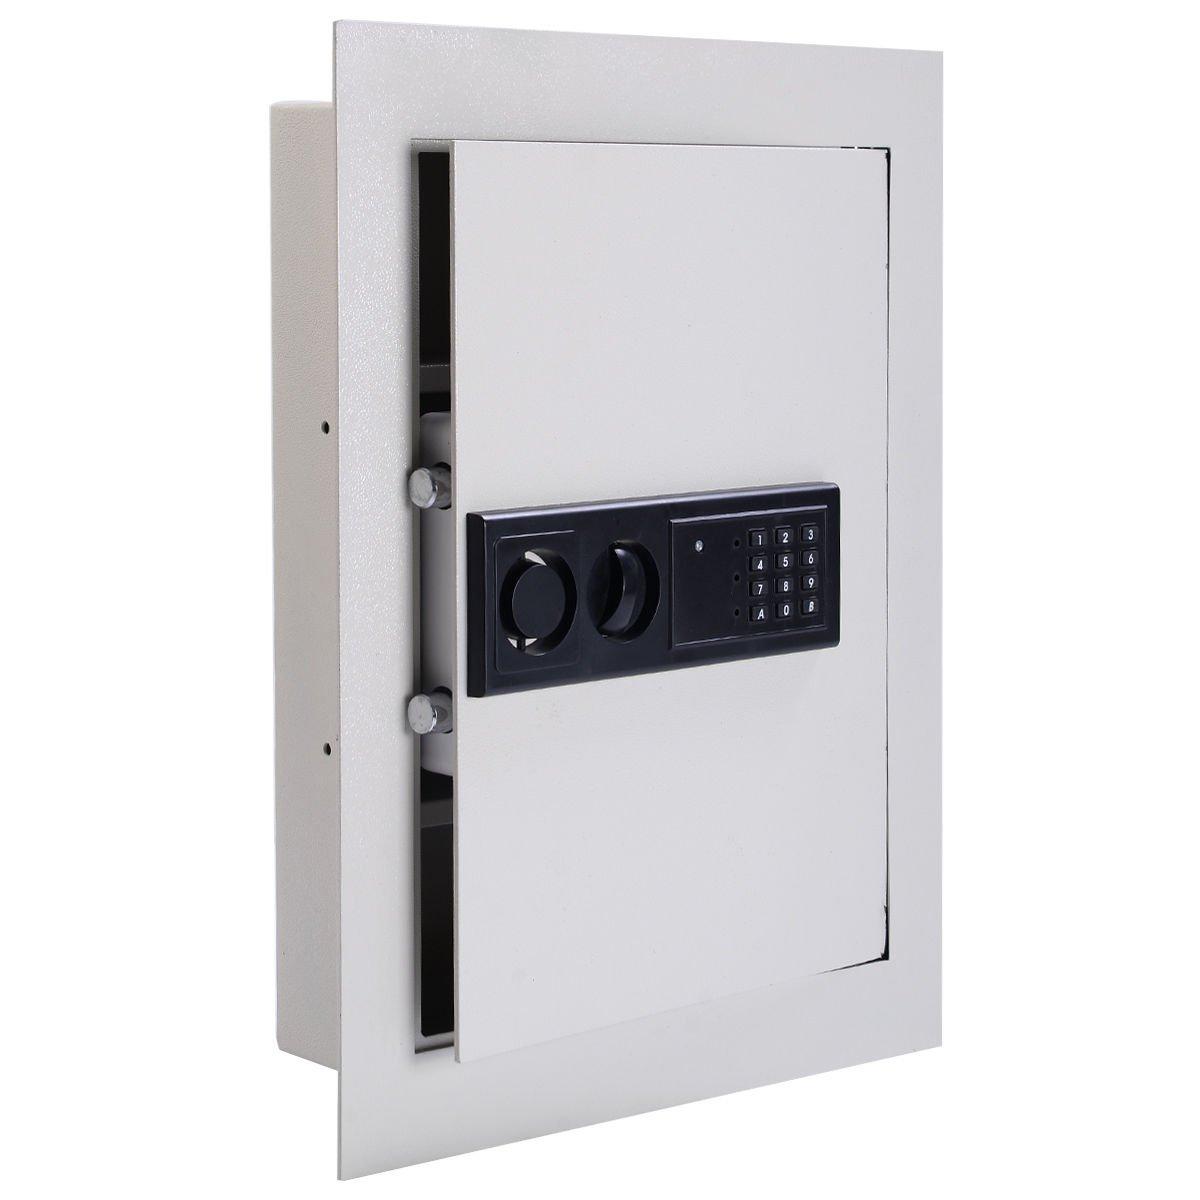 Giantex Electronic Wall Hidden Safe Security Box .83 CF Built-In Wall Electronic Flat Security Safety Cabinet - - Amazon.com  sc 1 st  Amazon.com & Giantex Electronic Wall Hidden Safe Security Box .83 CF Built-In ... Aboutintivar.Com